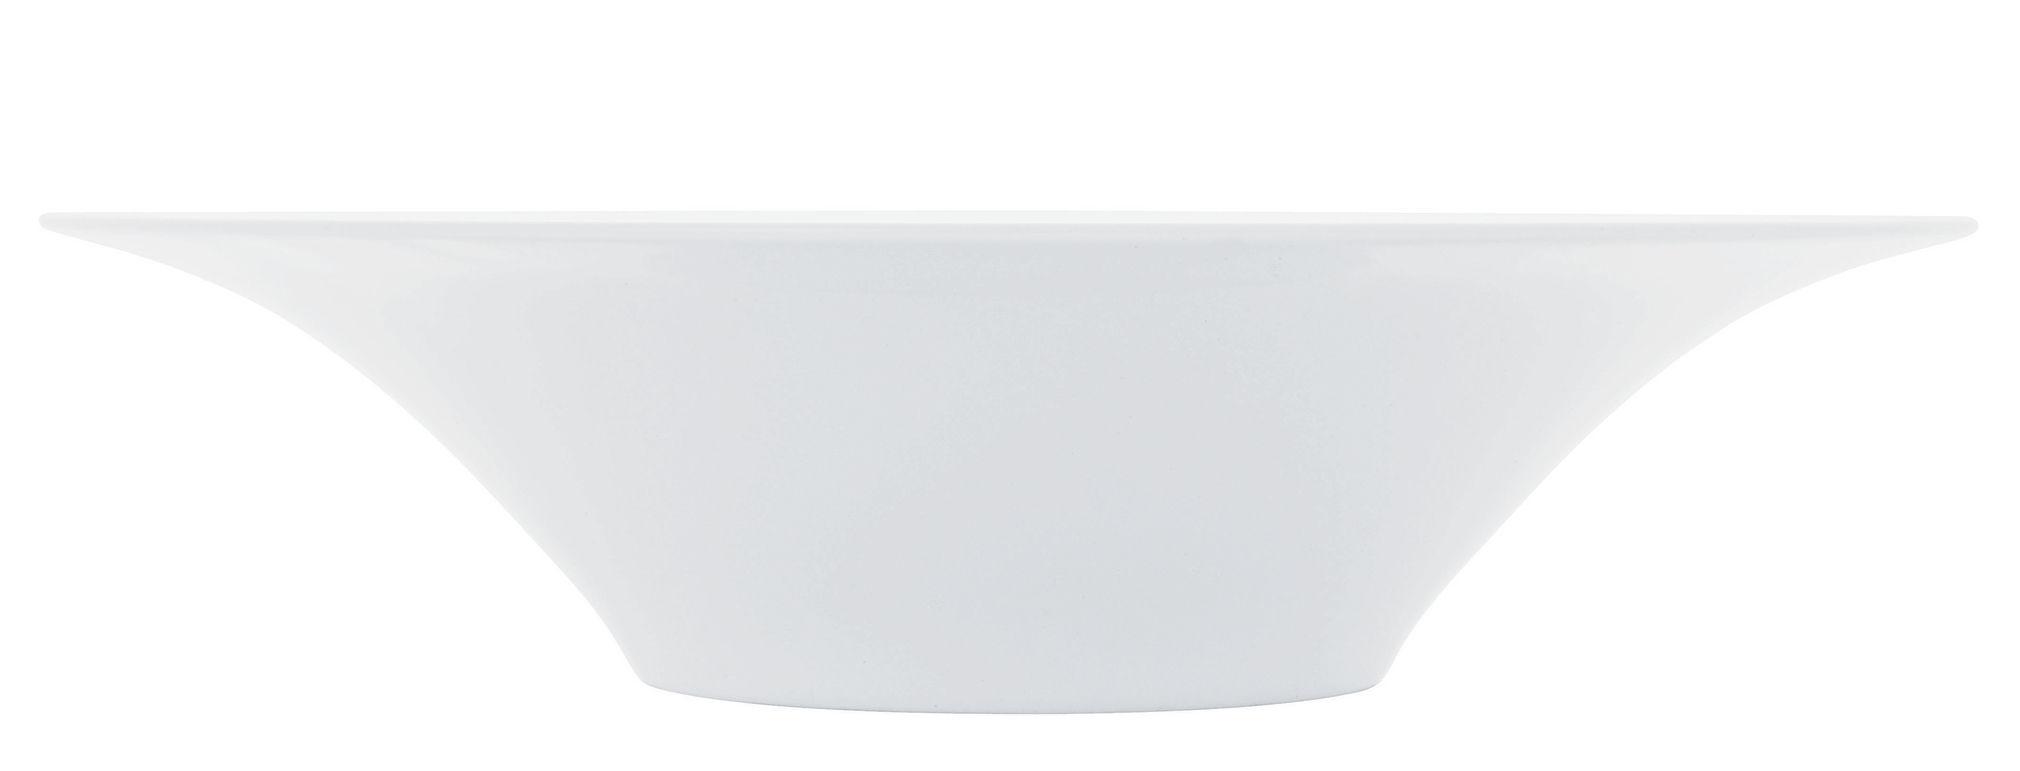 Tableware - Bowls - Ku Salad bowl by Alessi - White - China